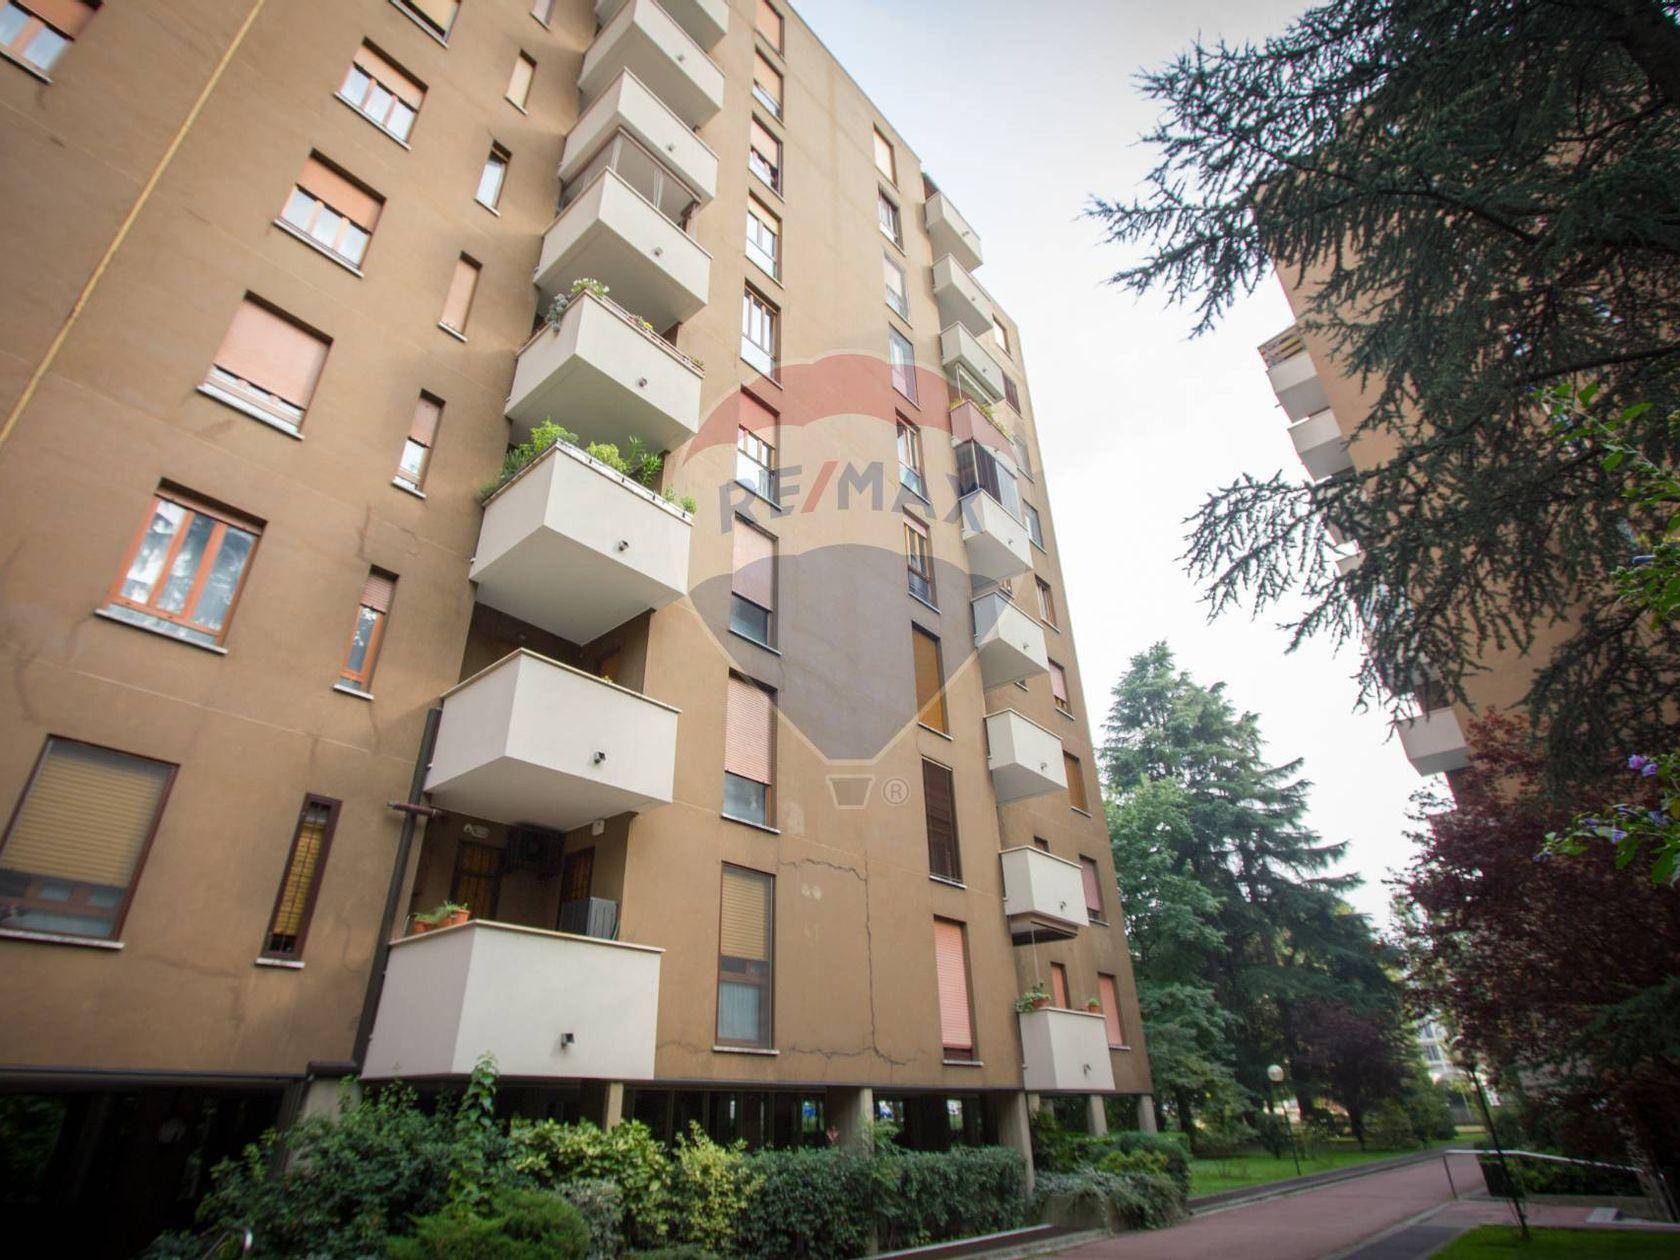 Agenzie Immobiliari Cologno Monzese appartamento in vendita cologno monzese 32581017-35   re/max